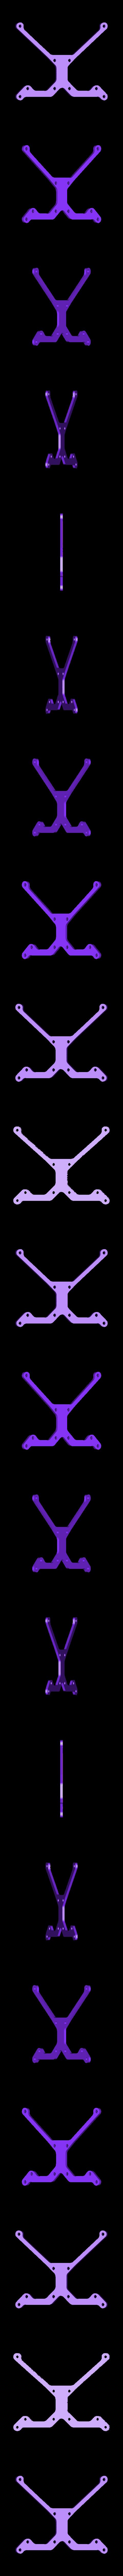 PART2-FAN-MOUNT-MKS-BASE-V1.stl Download free STL file Fan Mount for MKS BASE V1 3d printer board • 3D printing design, BAYA